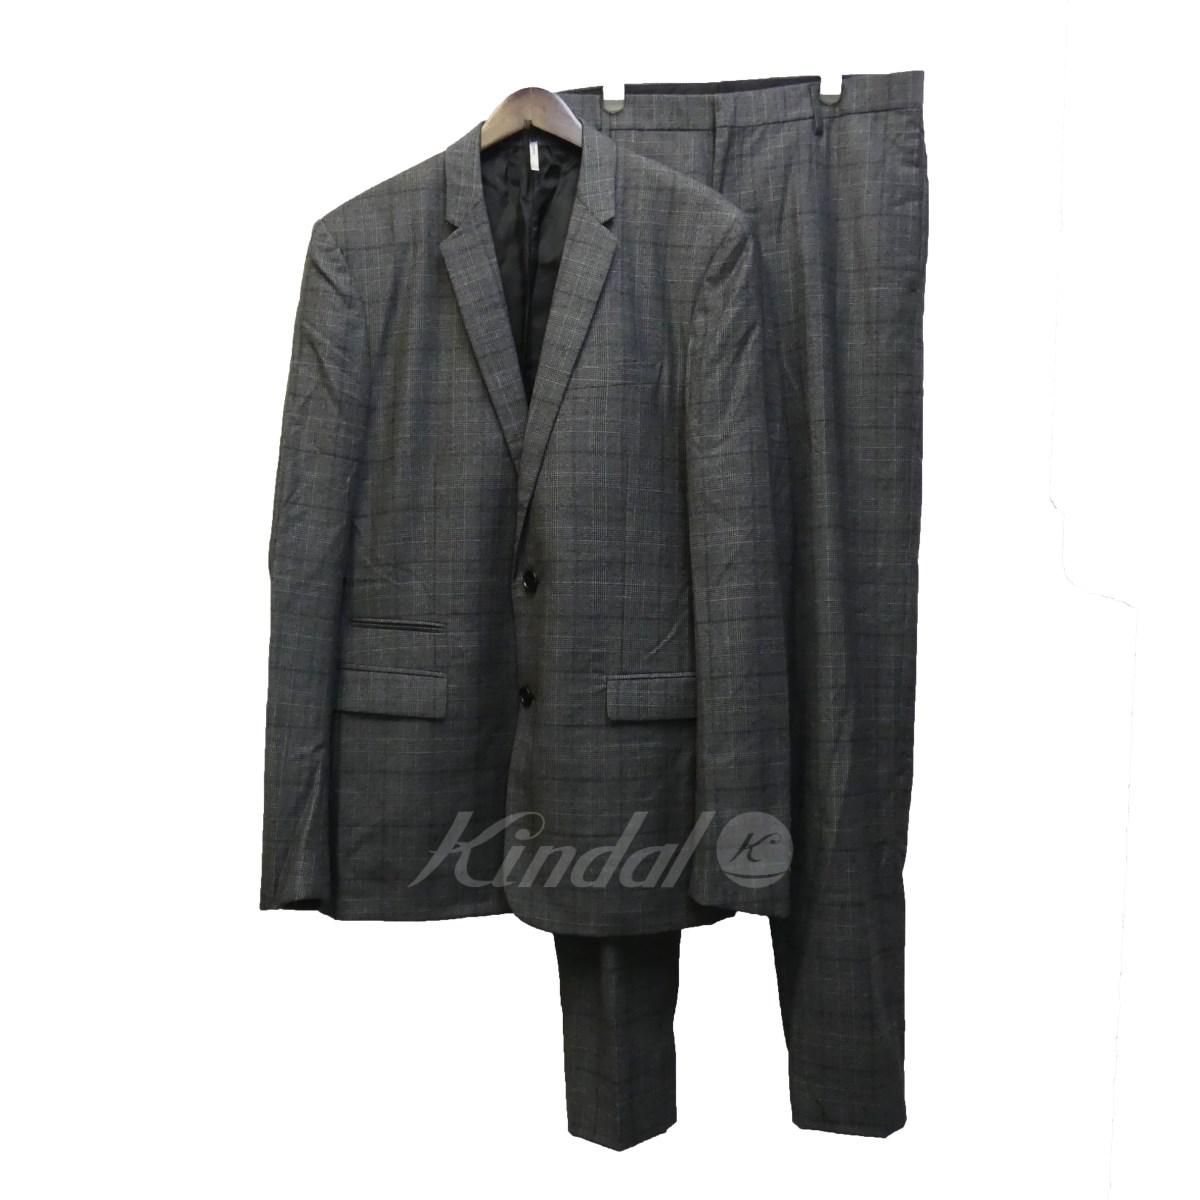 【中古】Dior Homme 12AW グレンチェックセットアップスーツ 【送料無料】 【107436】 【KIND1550】